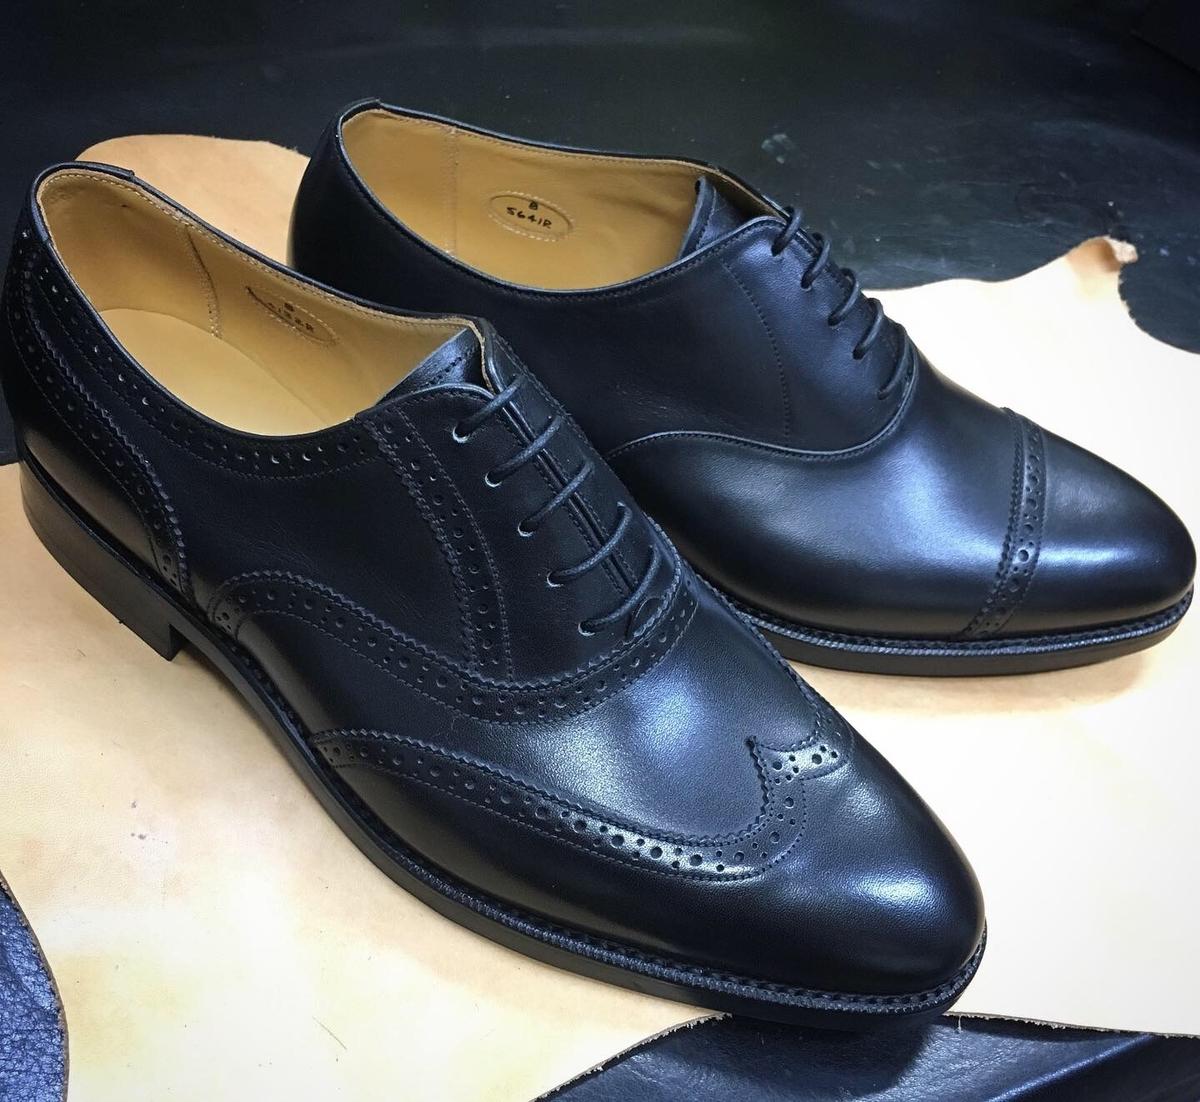 f:id:raymar-shoes:20190823215454j:plain